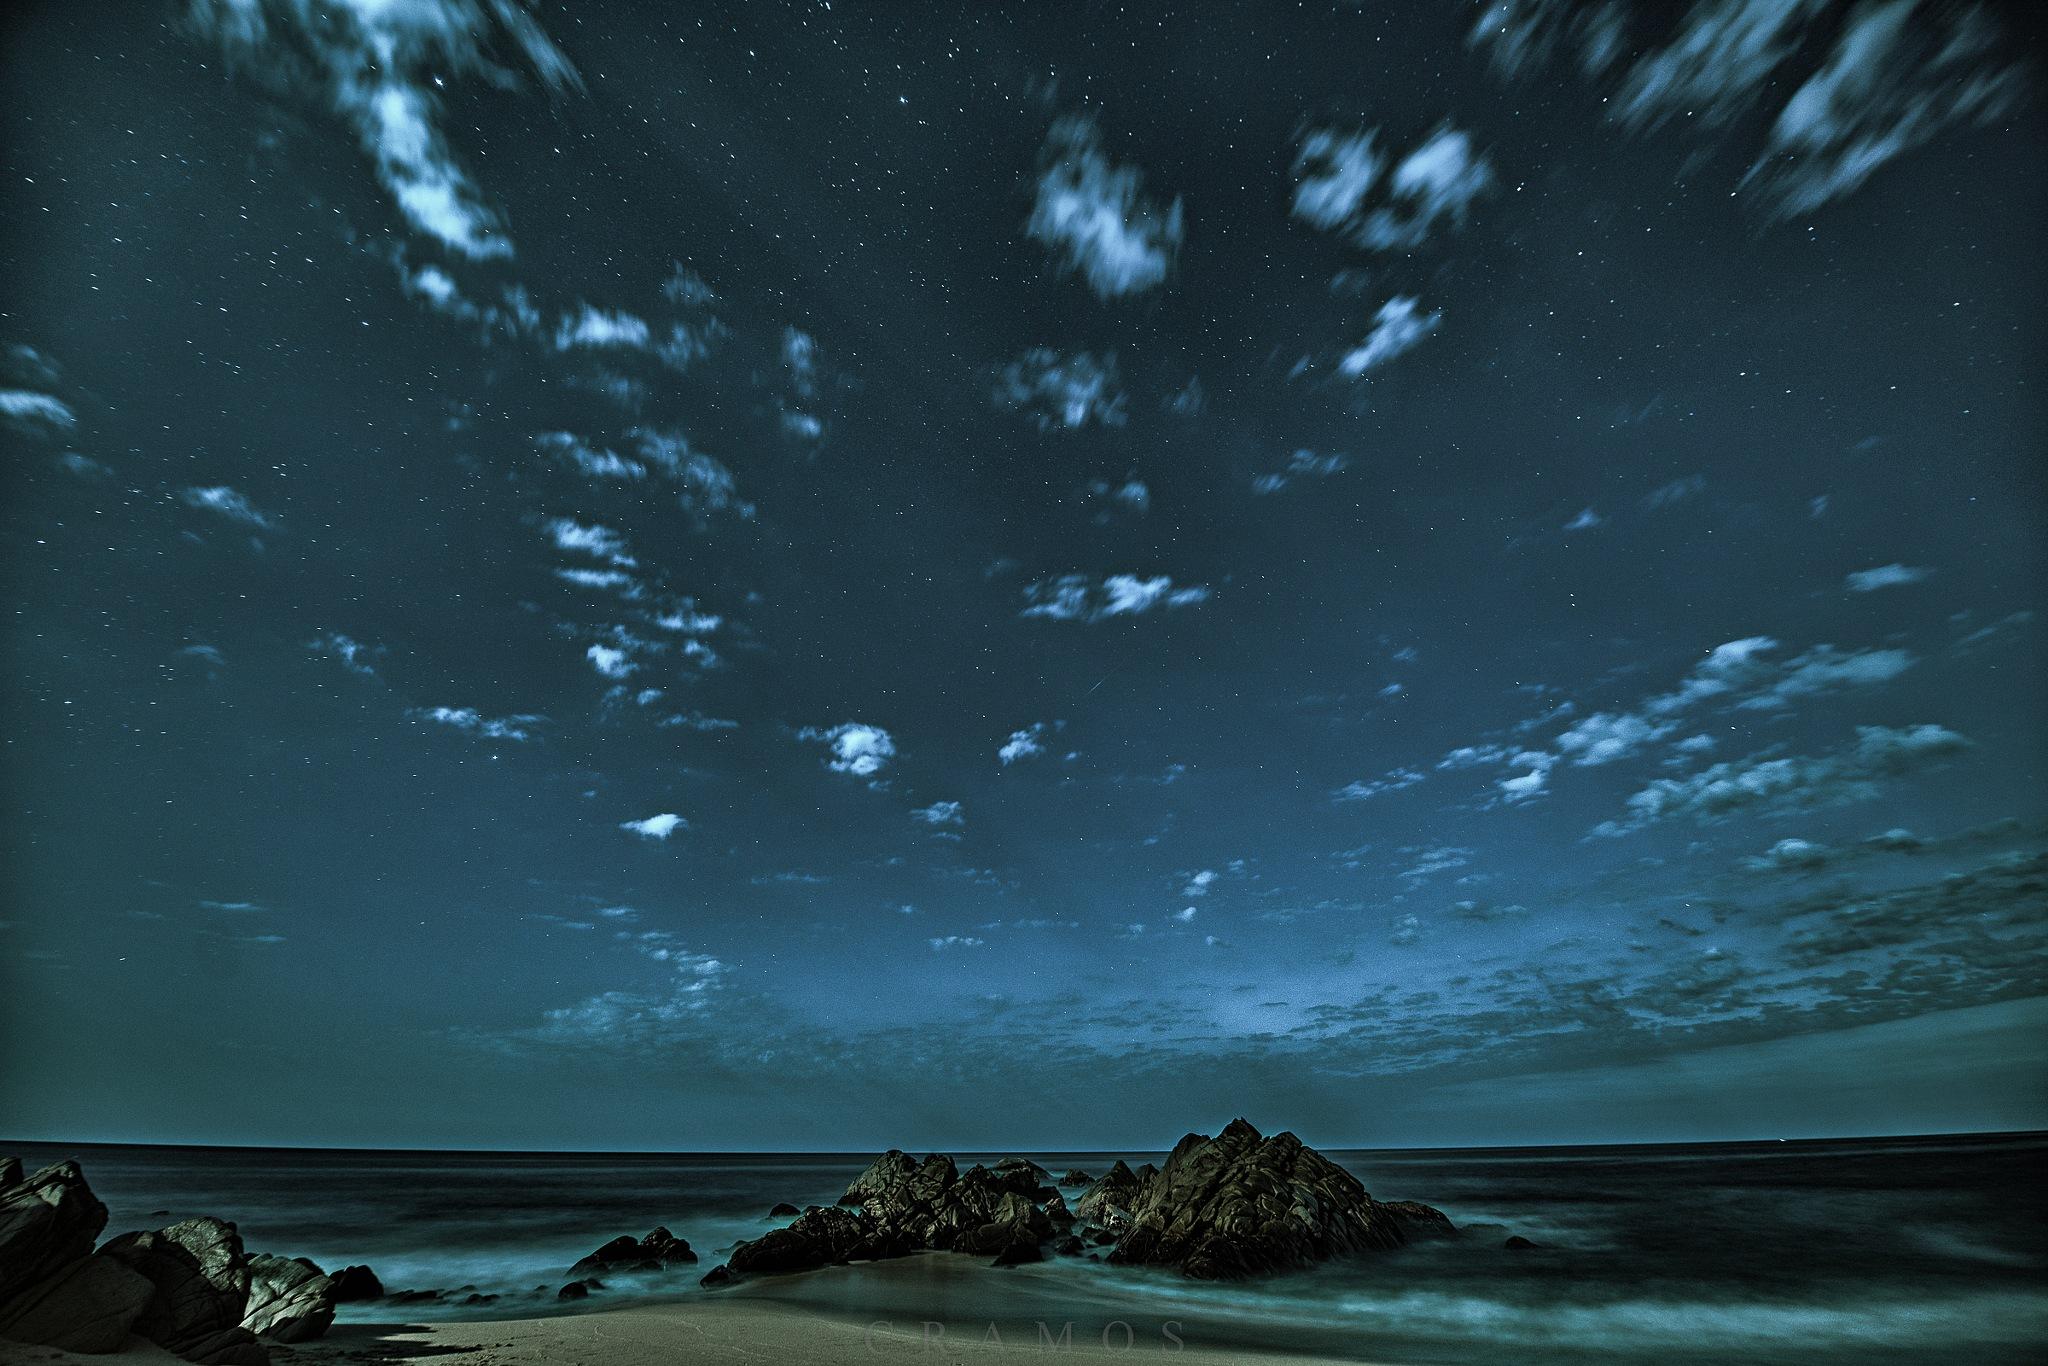 Shooting Stars by César Ramos